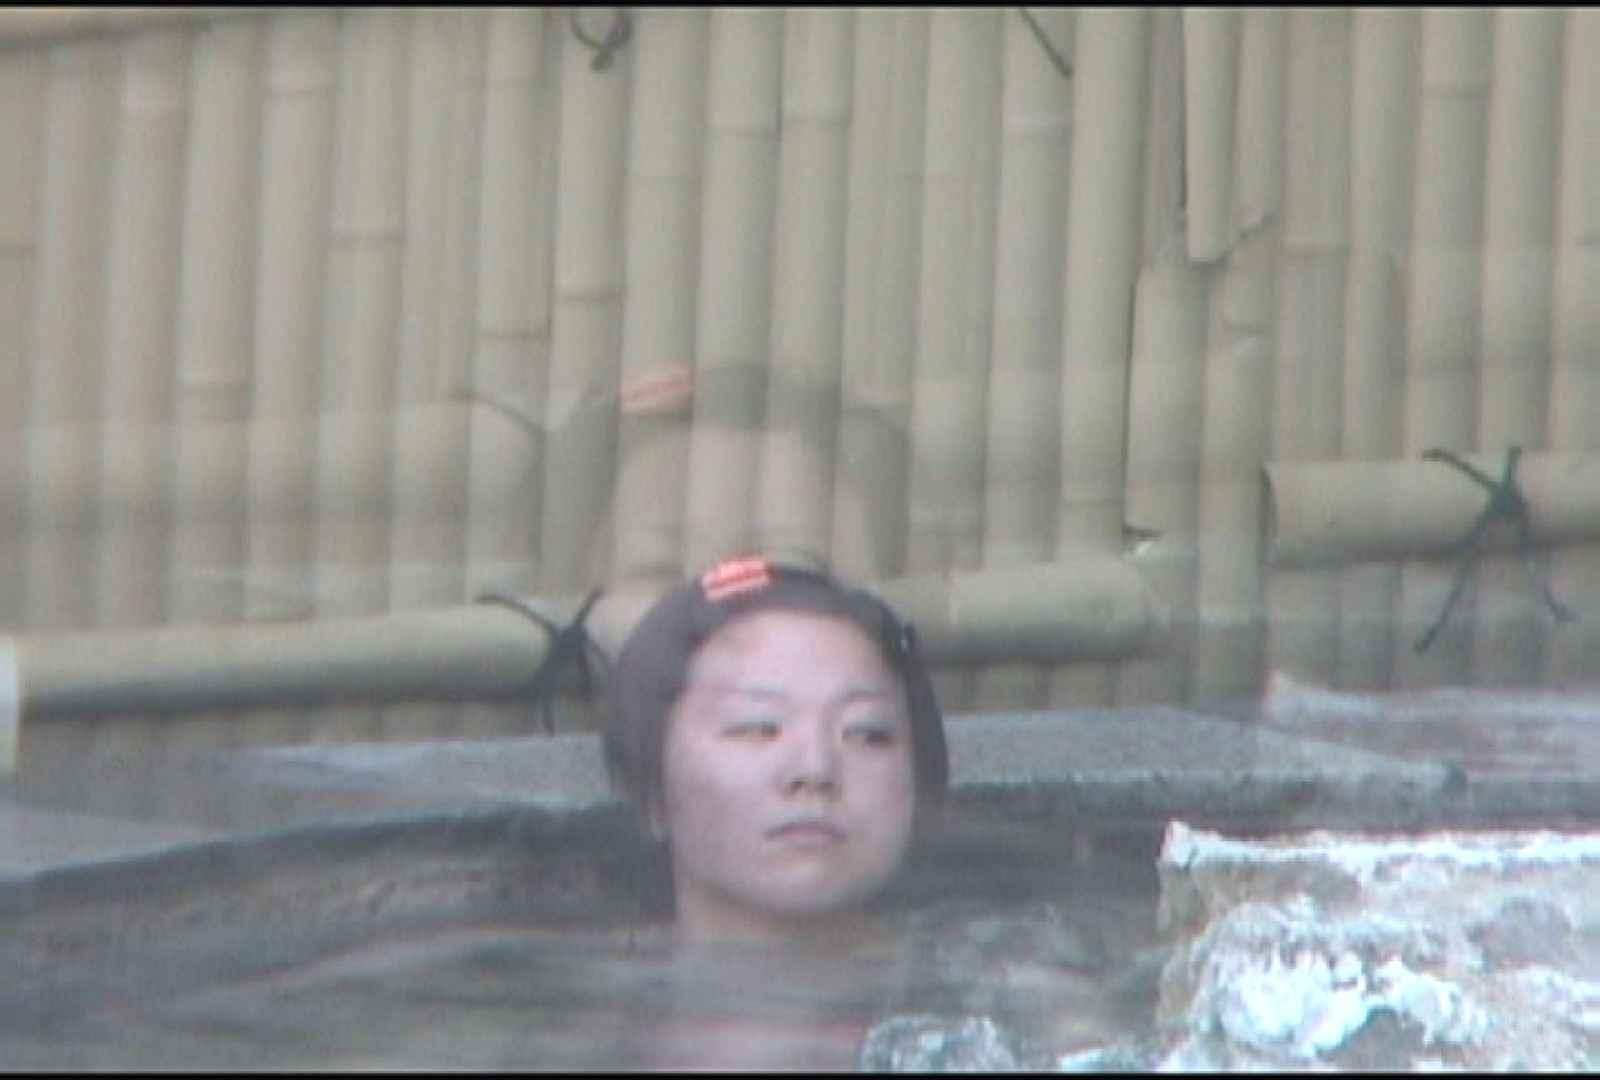 Aquaな露天風呂Vol.175 盗撮シリーズ  91PIX 86